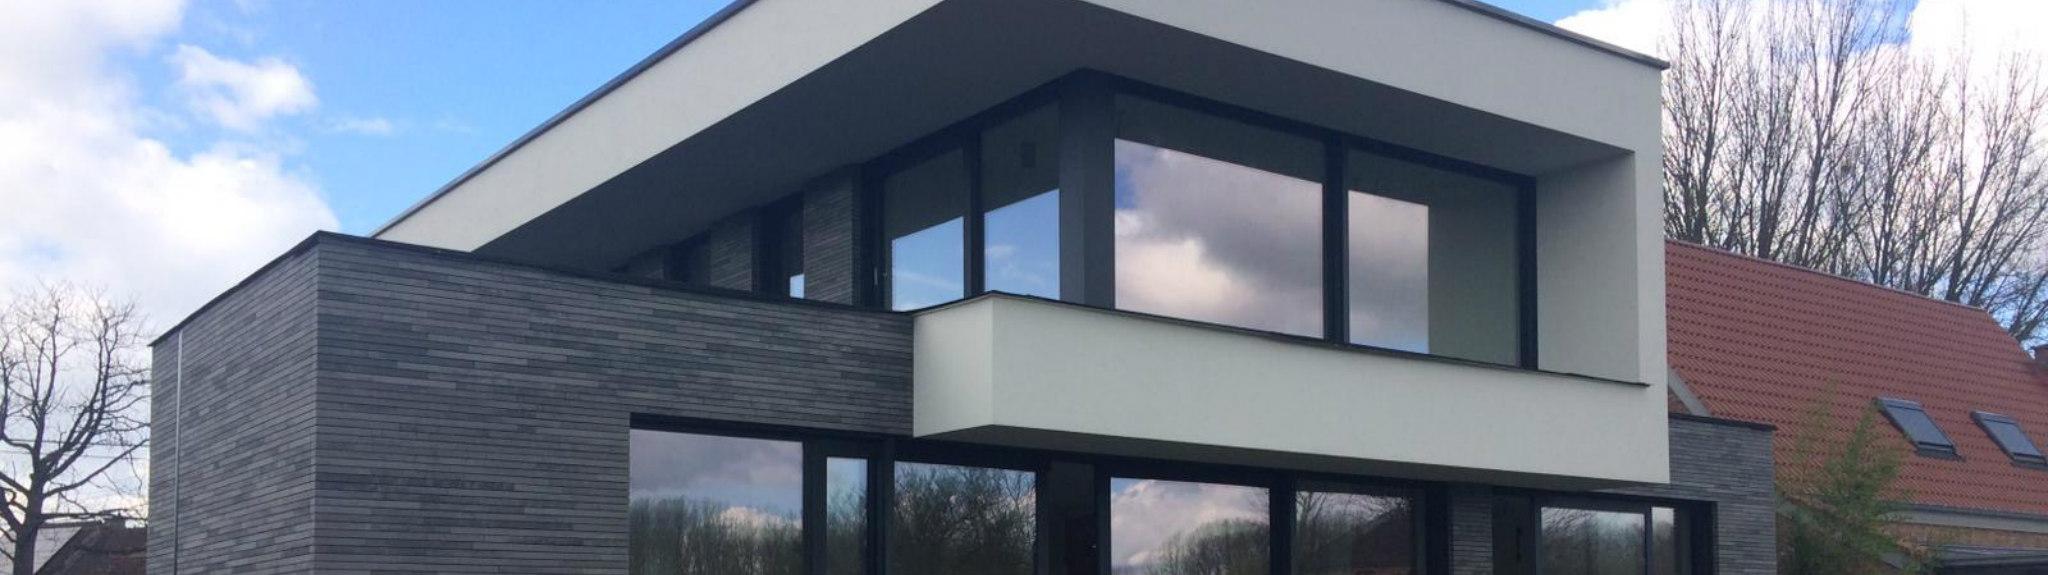 Sint-Niklaas ramen en deuren